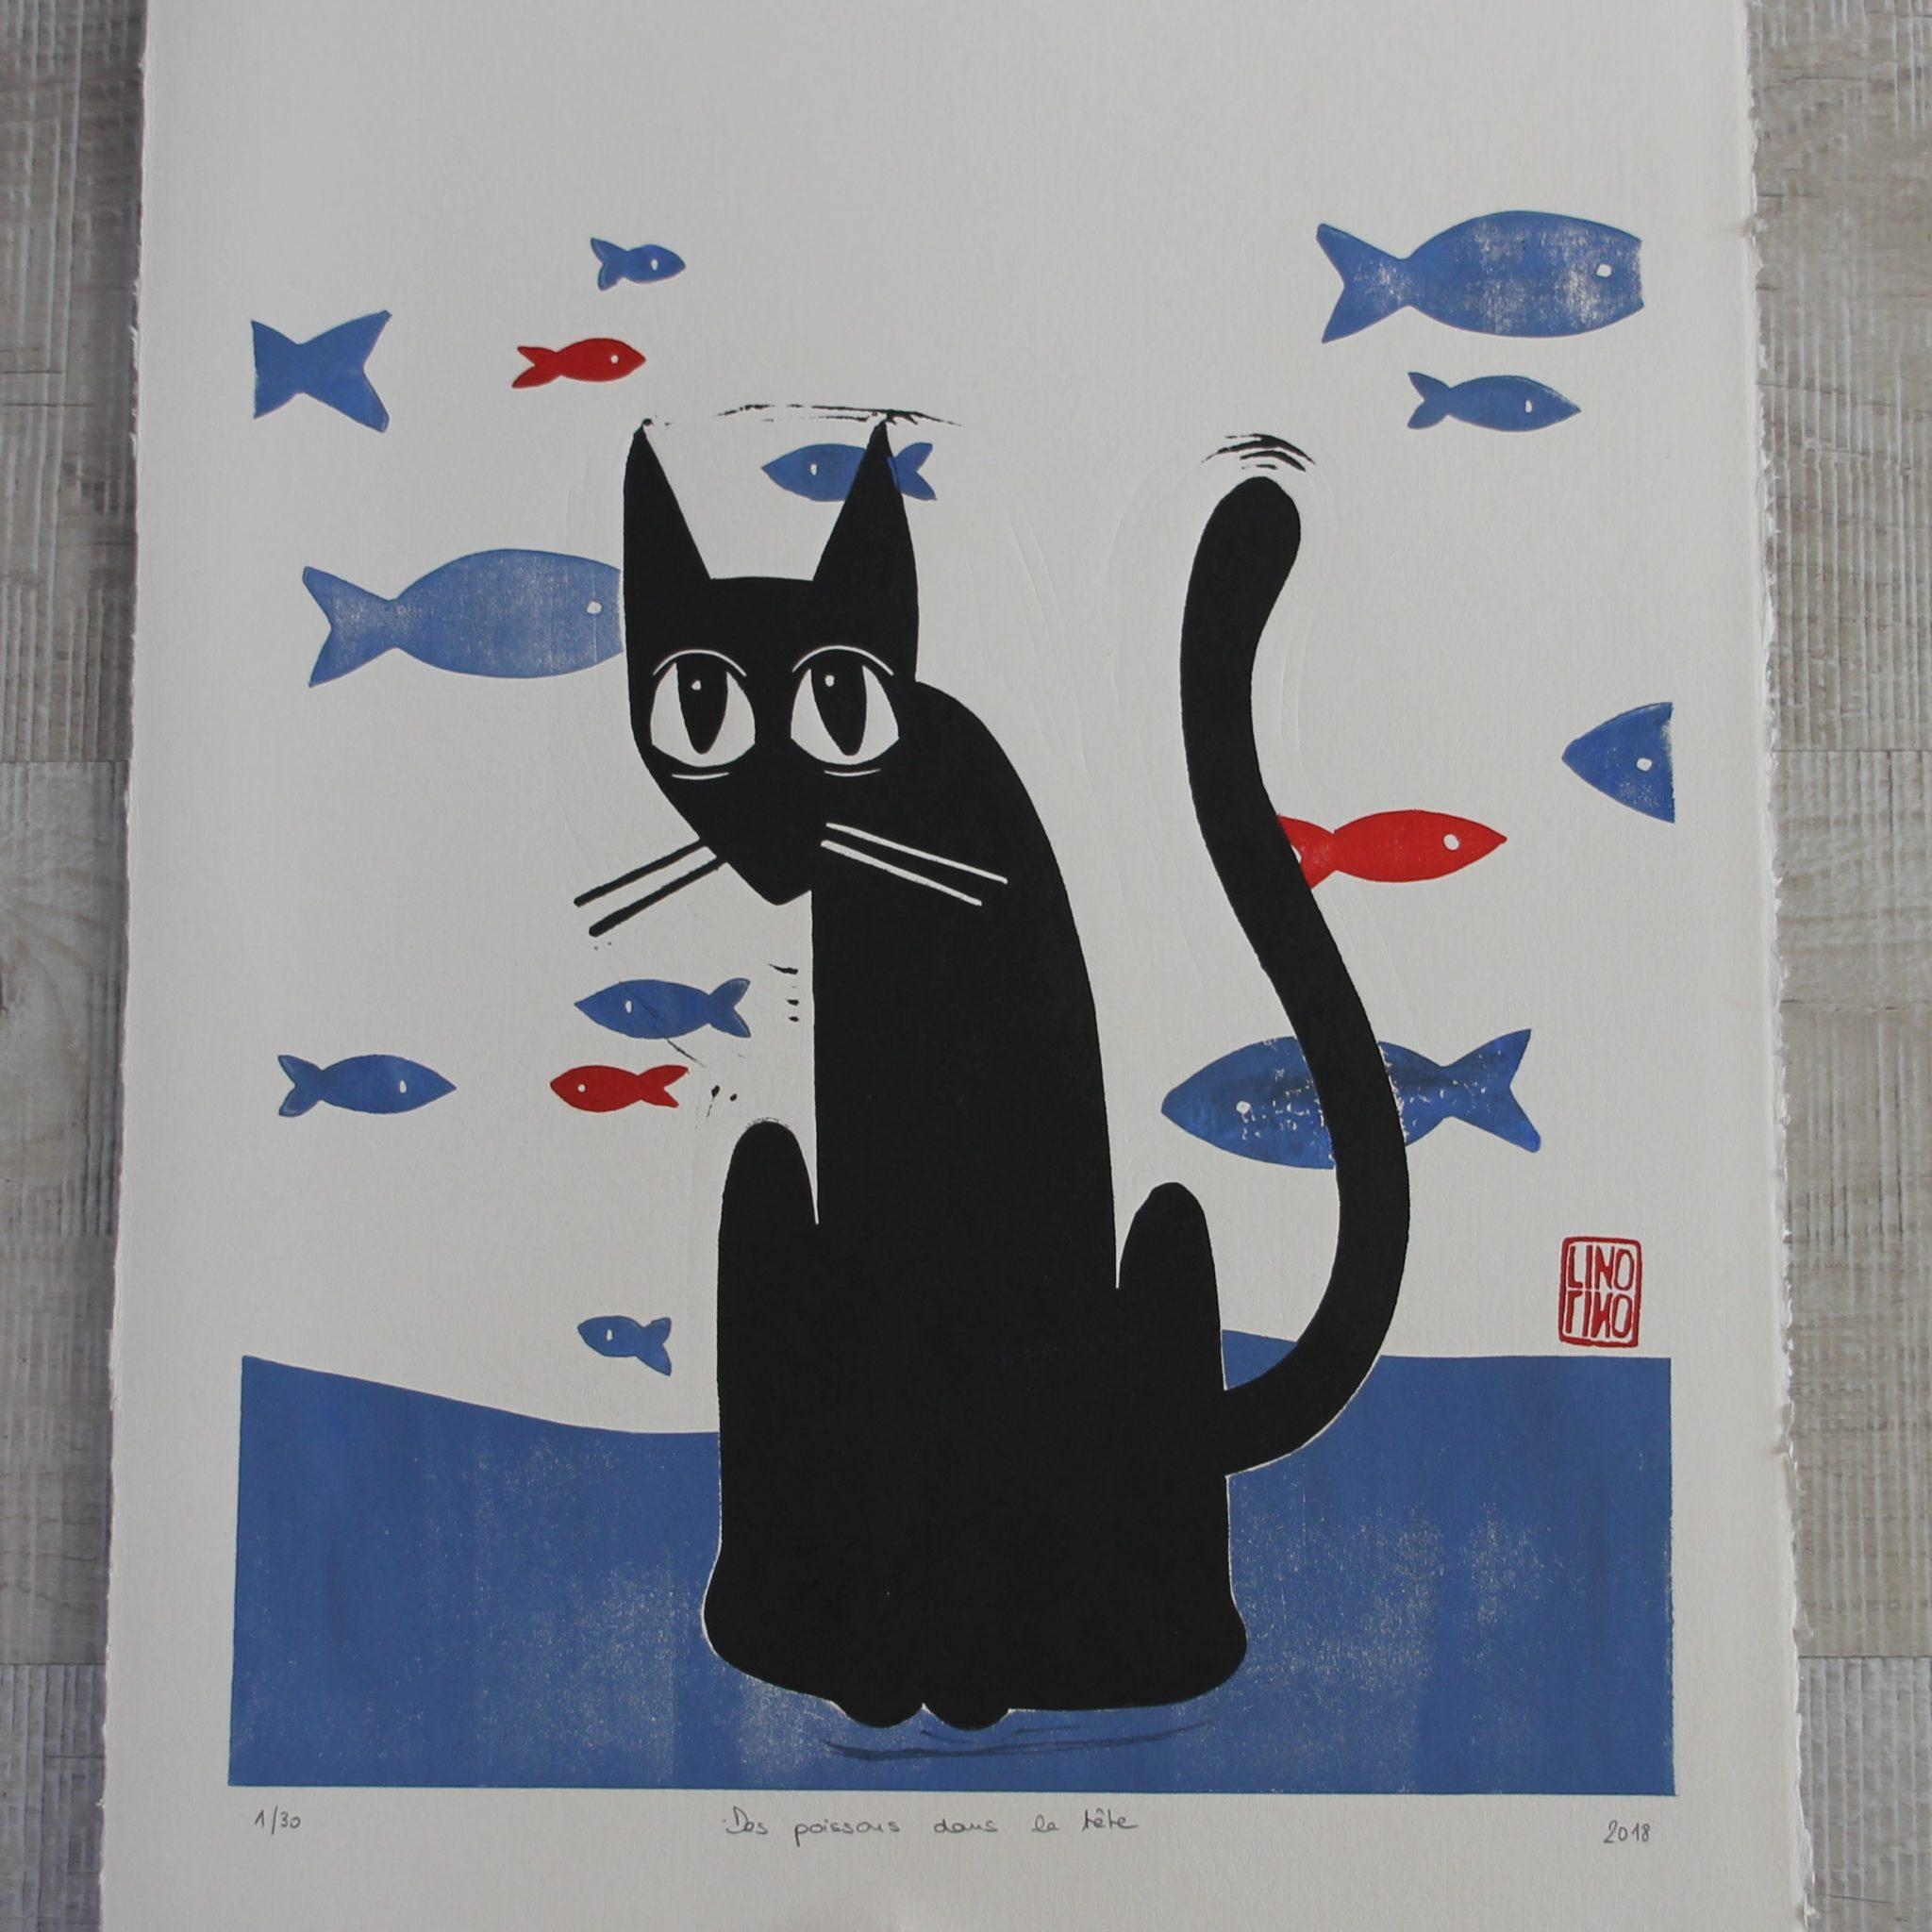 LinoLino | Linogravure et créations à partir d'impressions artisanales | Chambéry, France | Impression originale illustration gravure chat poissons